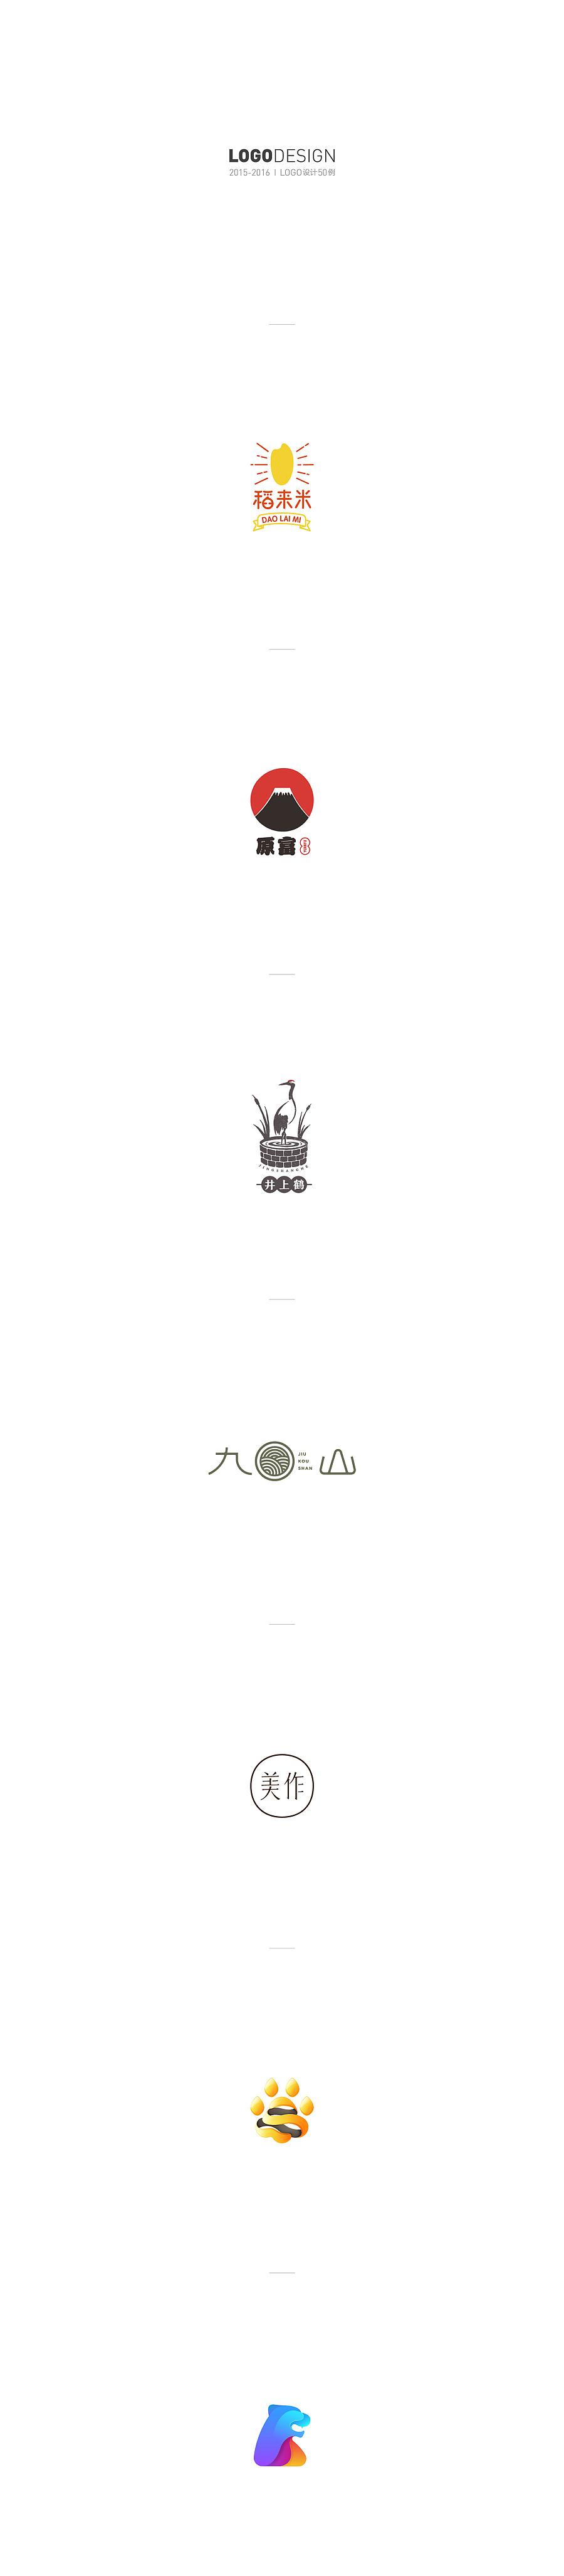 查看《2015丨2016 LOGO设计合集》原图,原图尺寸:1700x7759